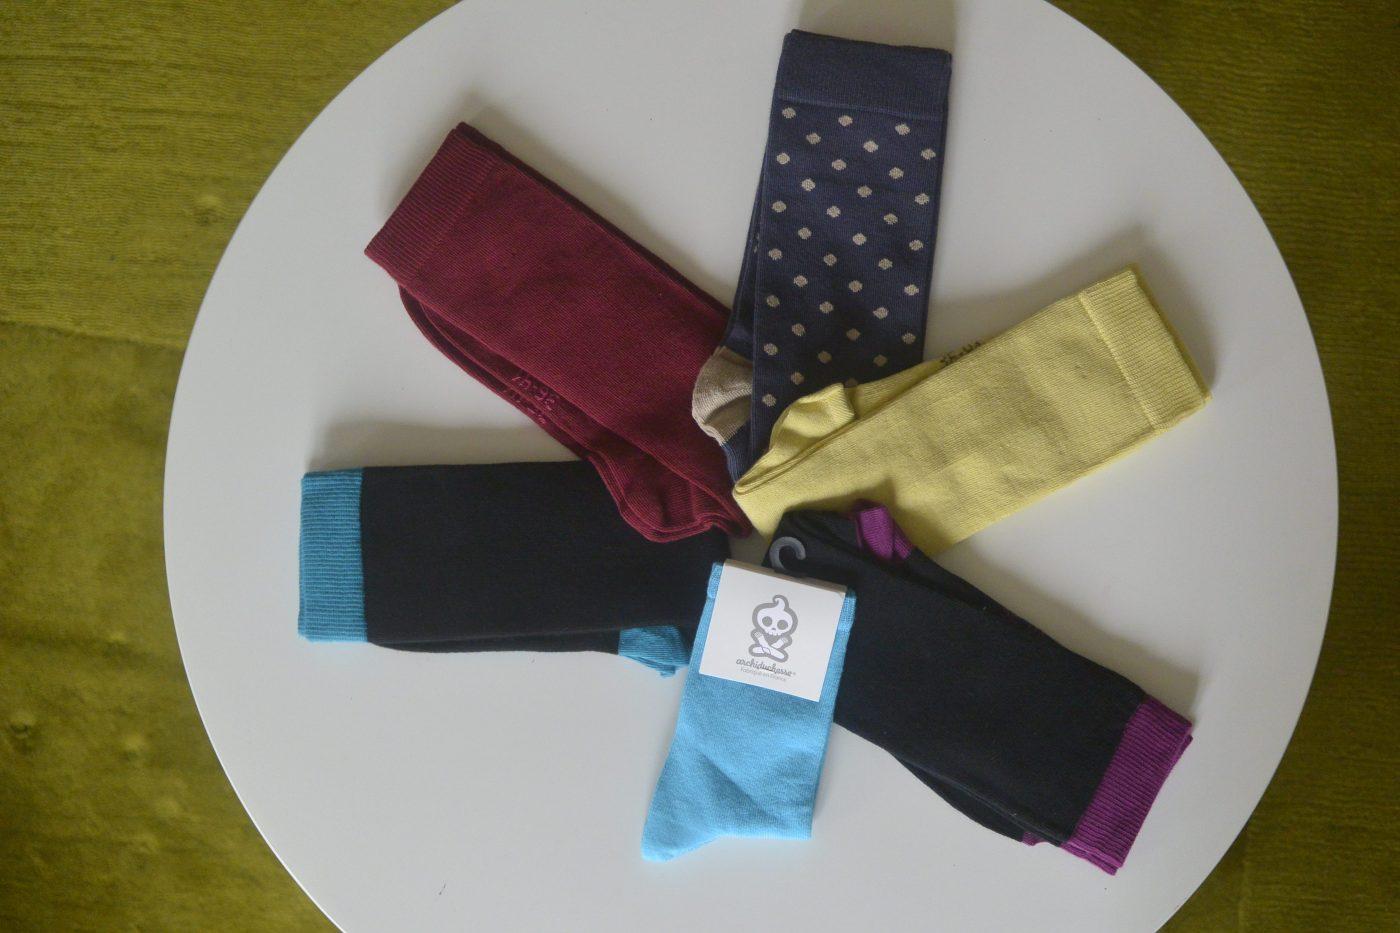 chaussettes-hautes-en-couleurs